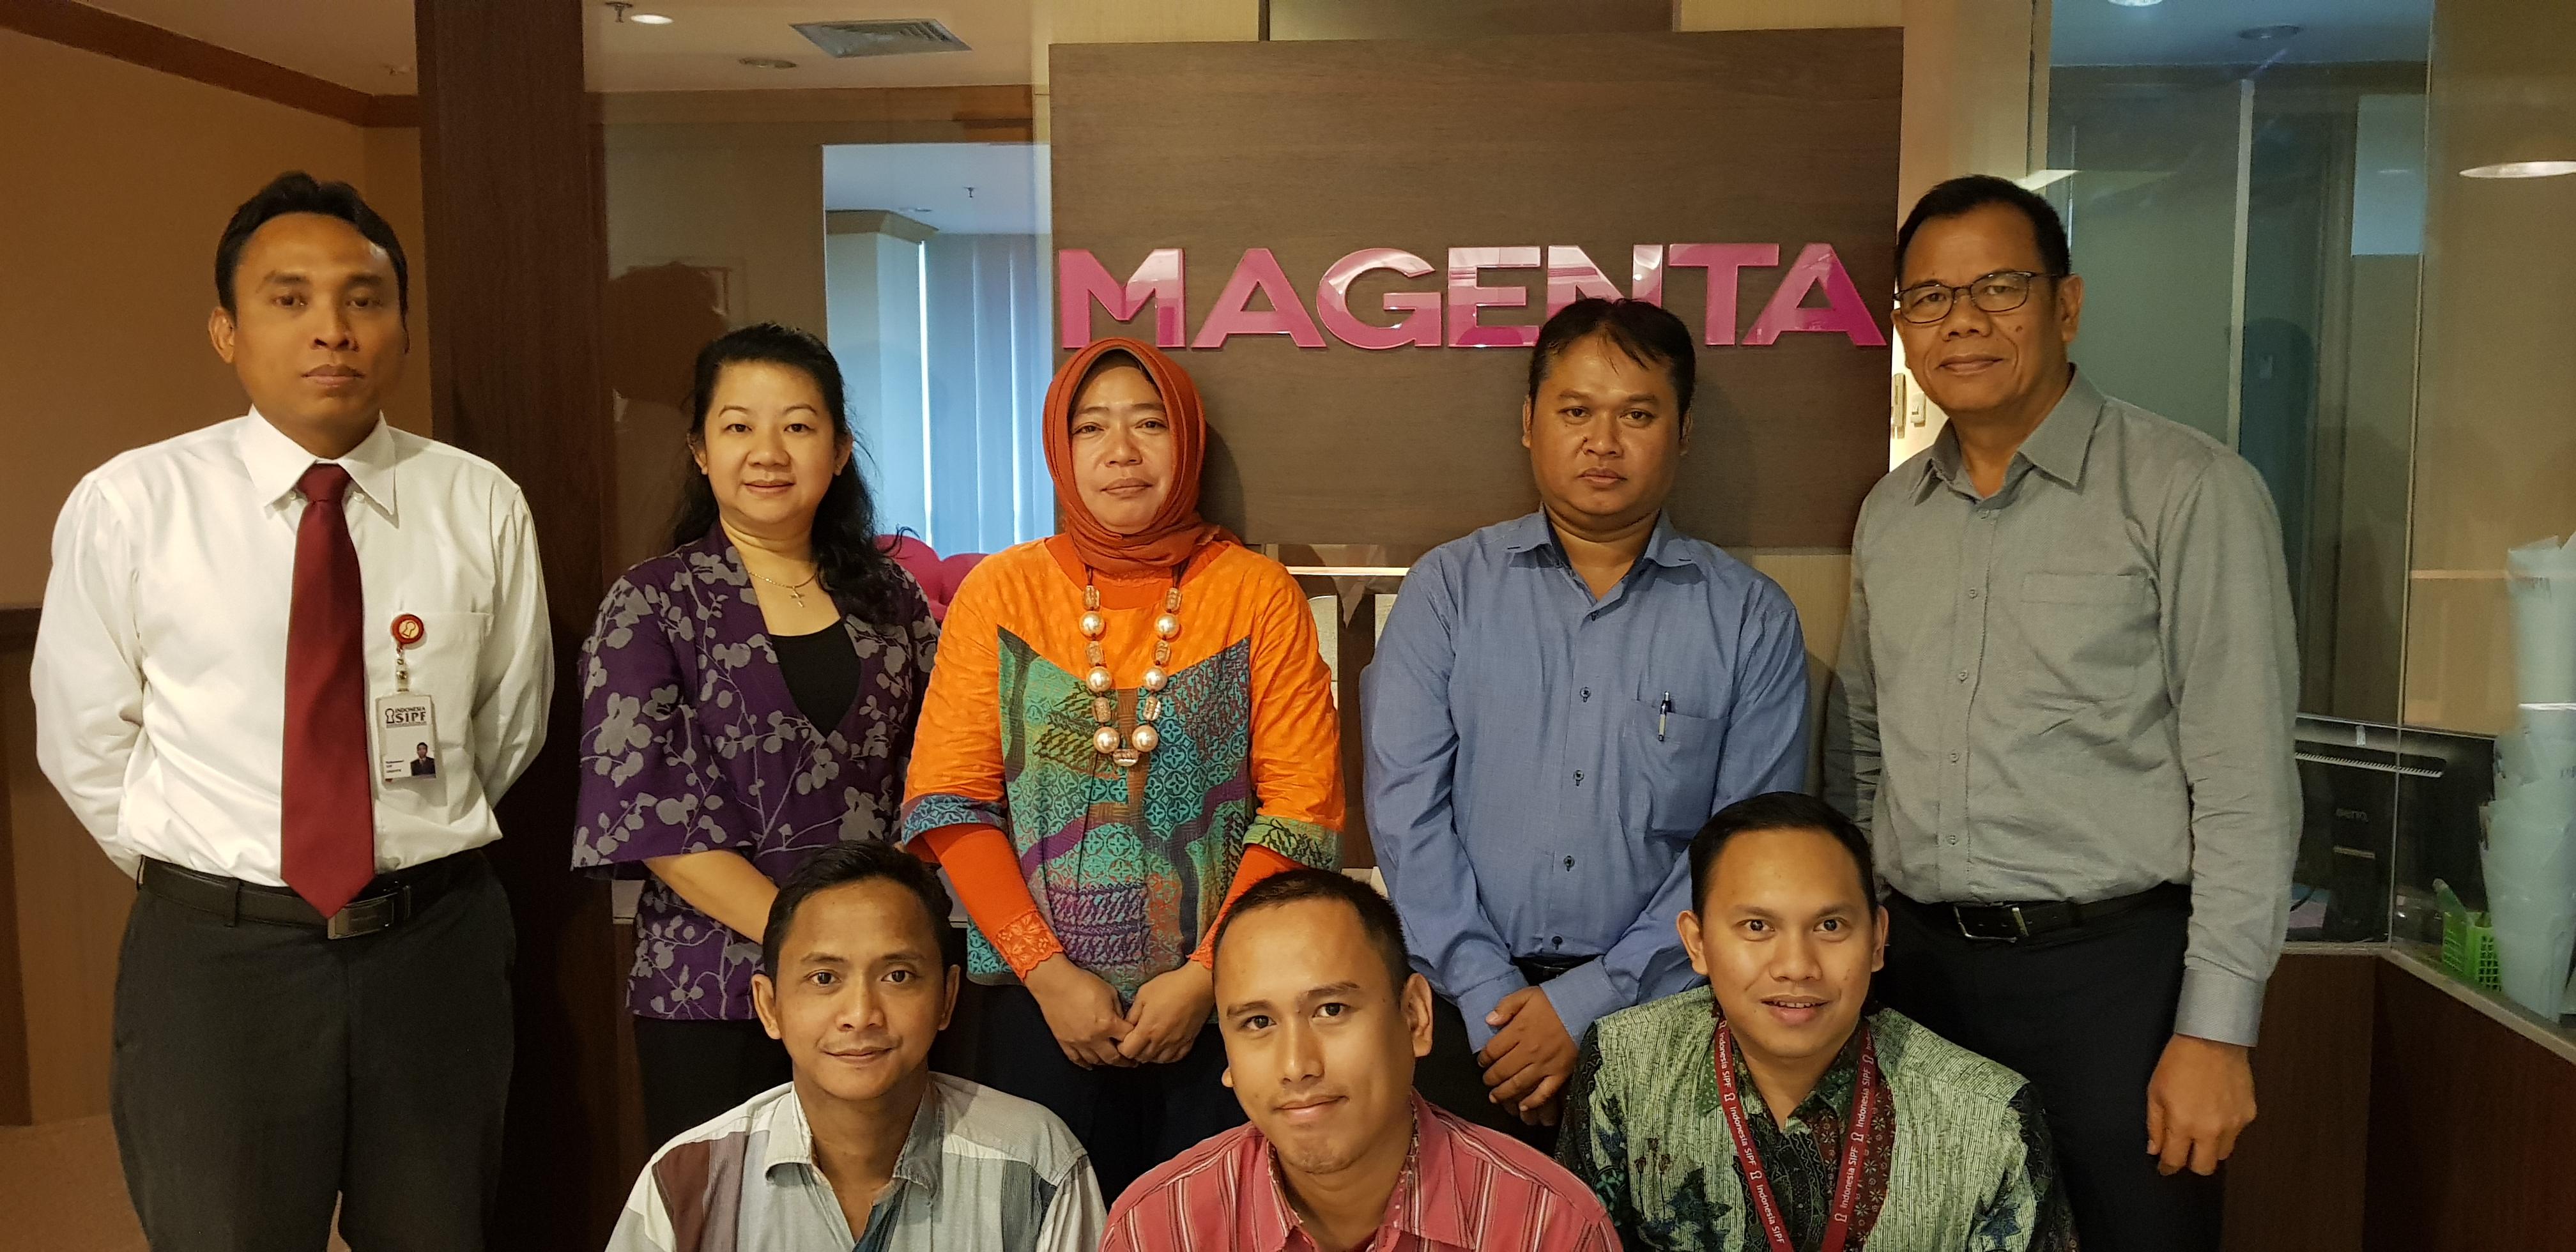 Kunjungan ke PT Magenta Kapital Sekuritas Indonesia dalam Rangka Sosialisasi Dana Perlindungan Pemodal